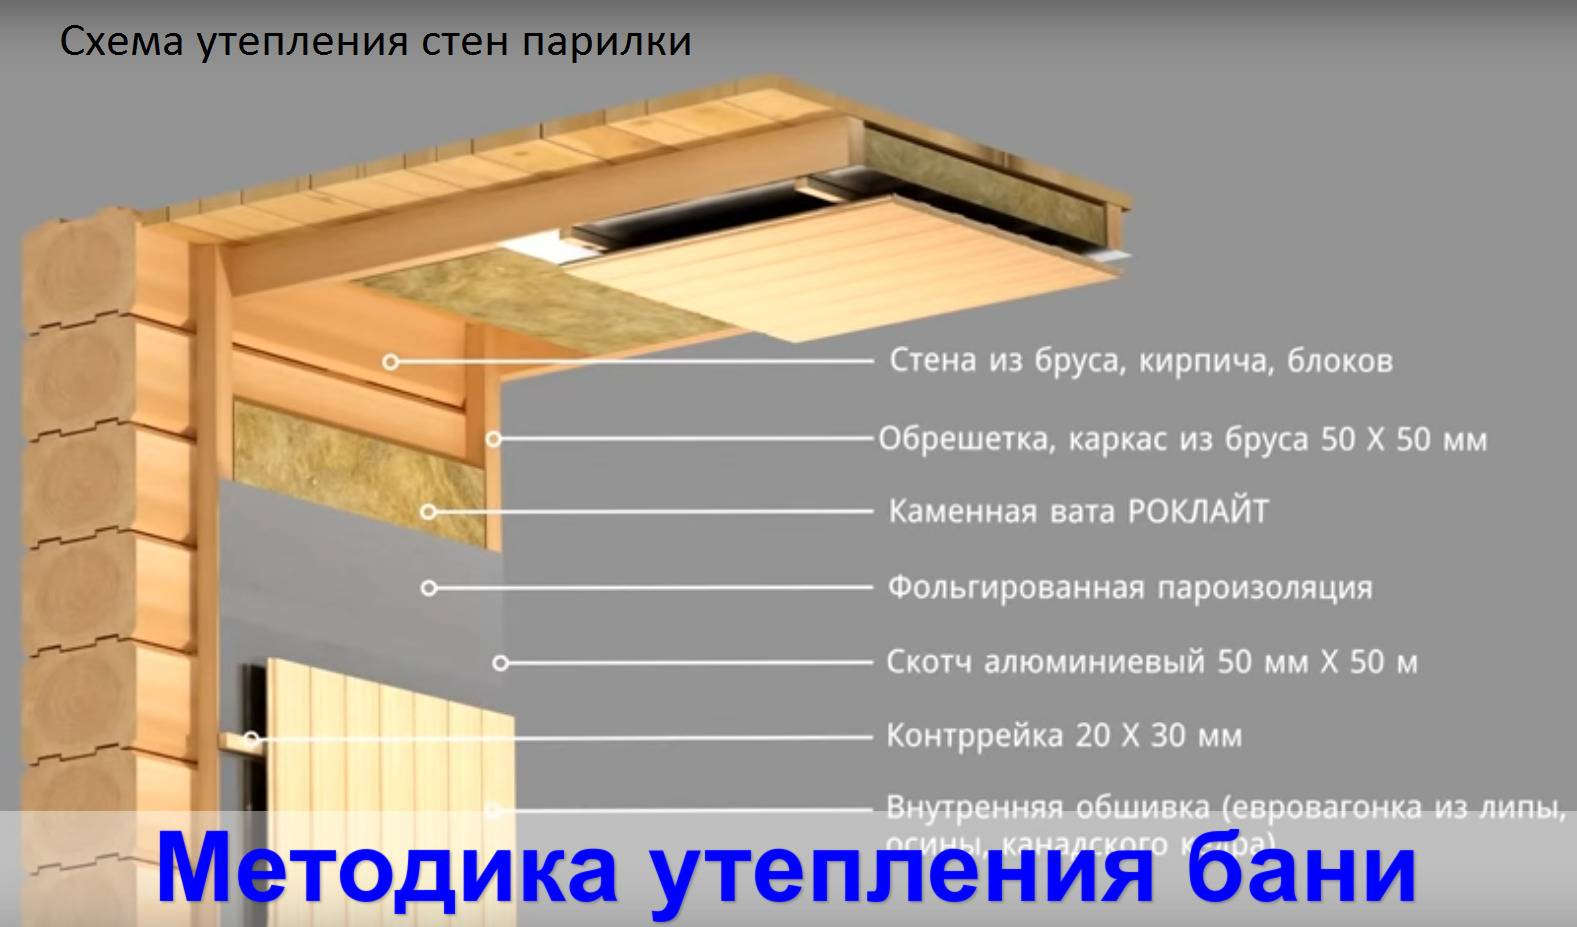 Потолок в бане своими руками: пошаговое руководство